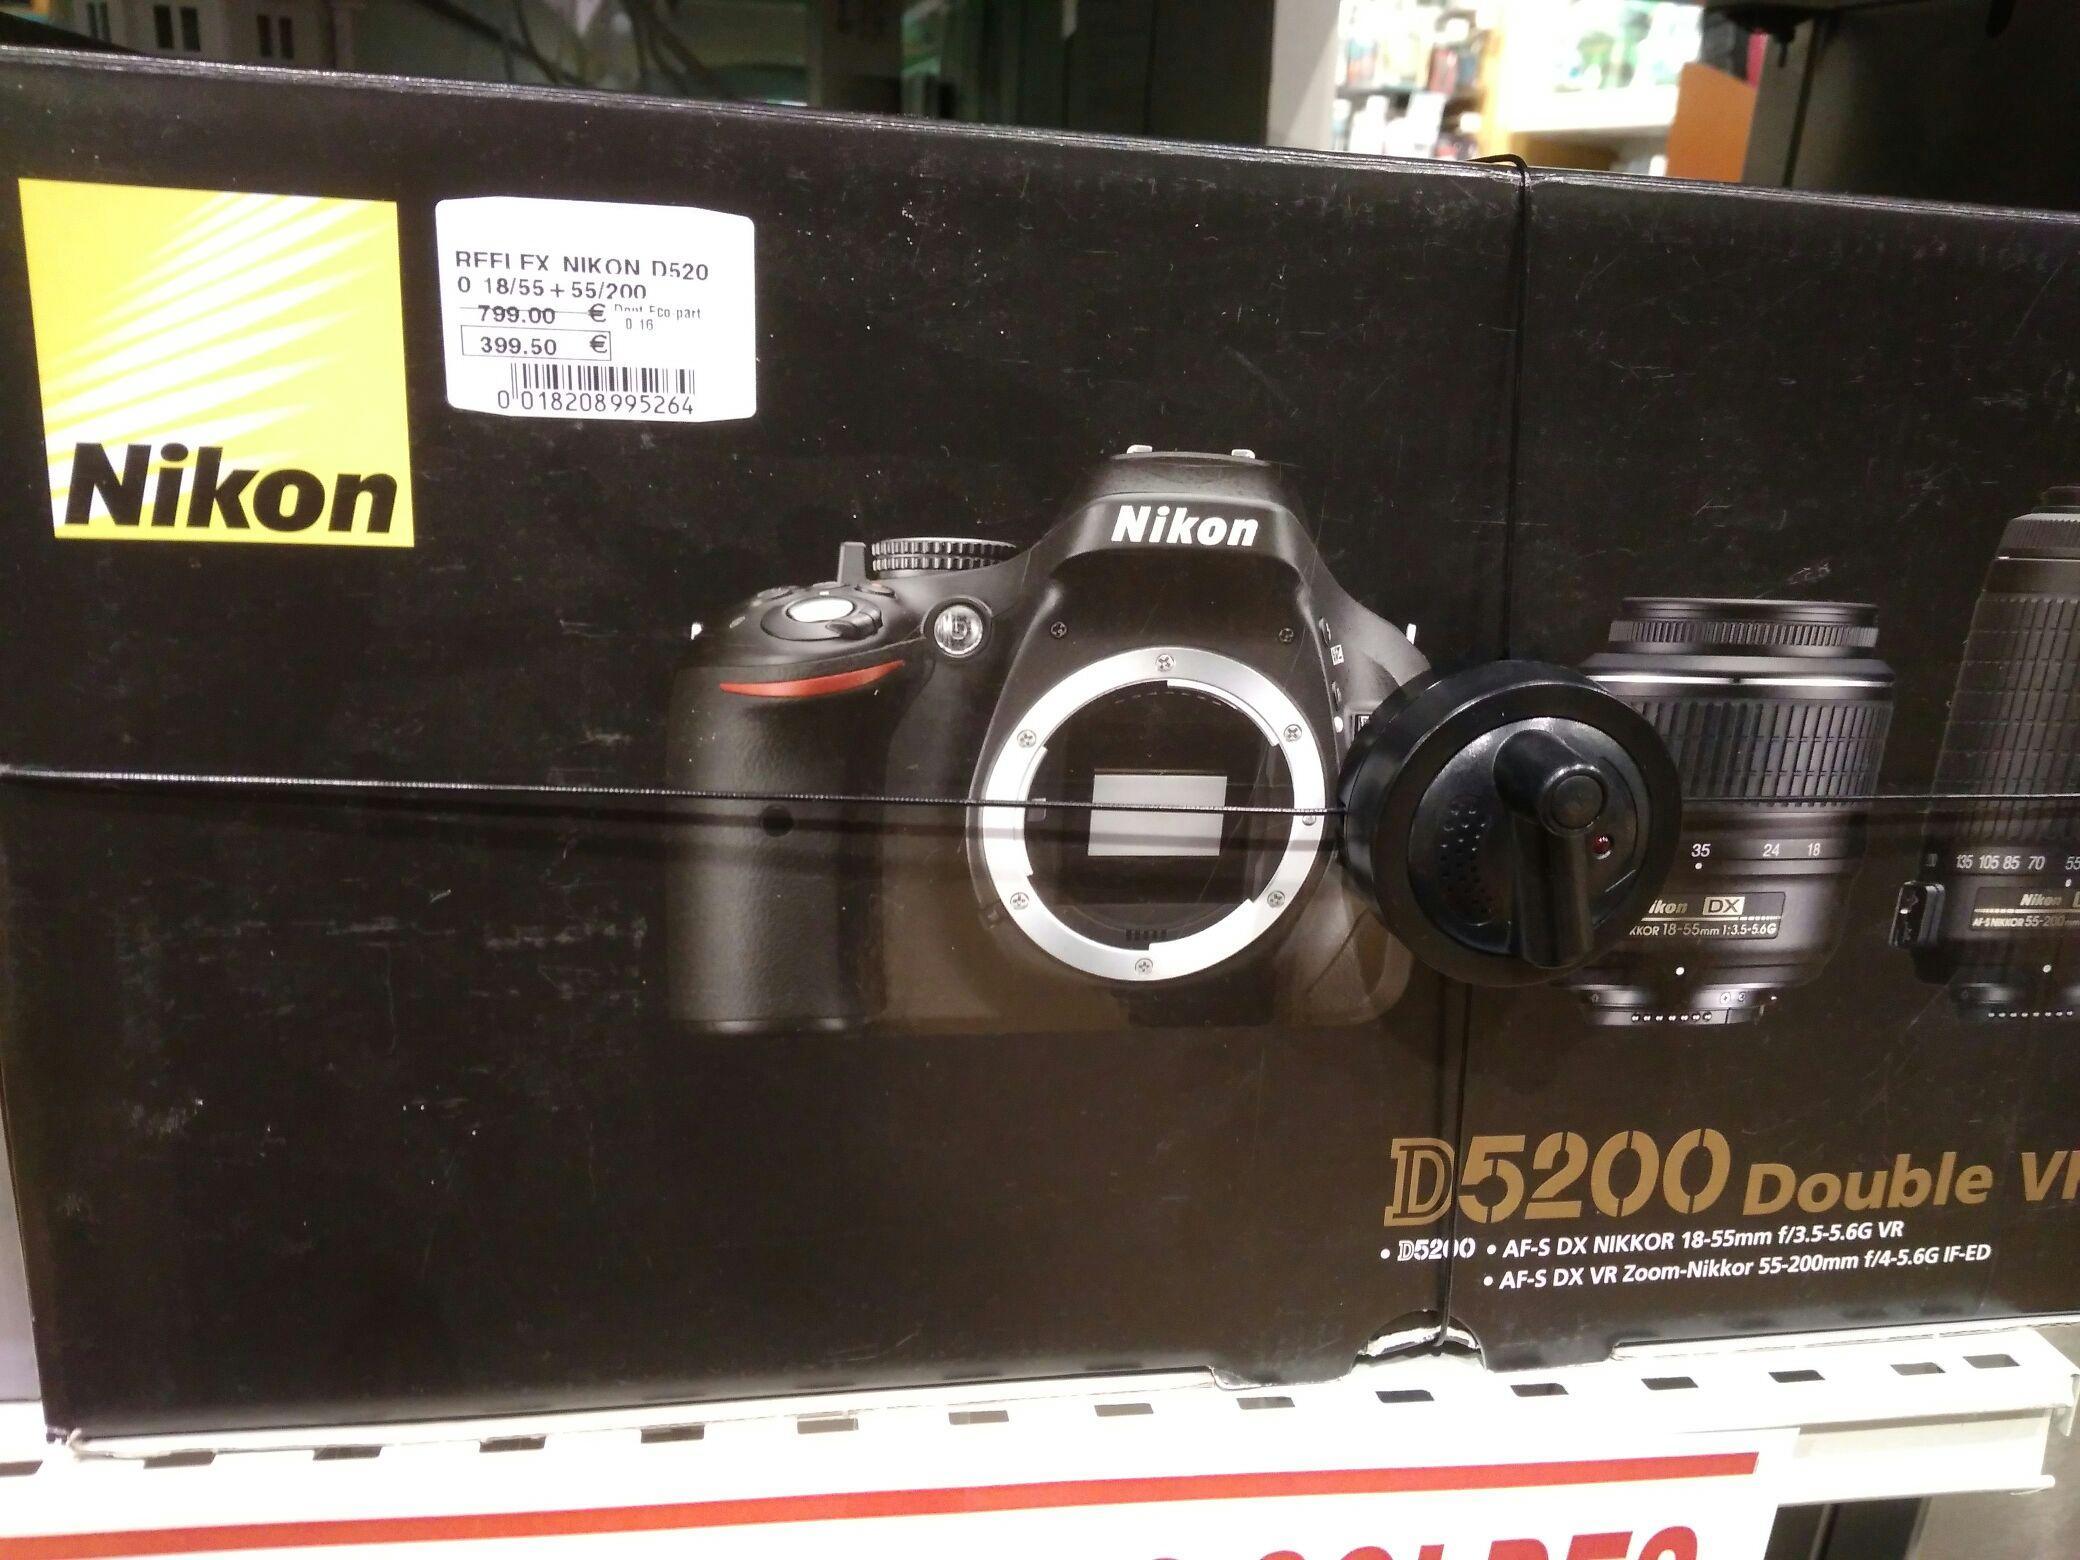 Sélection d'articles en promotion - Ex: Reflex Nikon D5200 + 18-55 + 55-200 mm